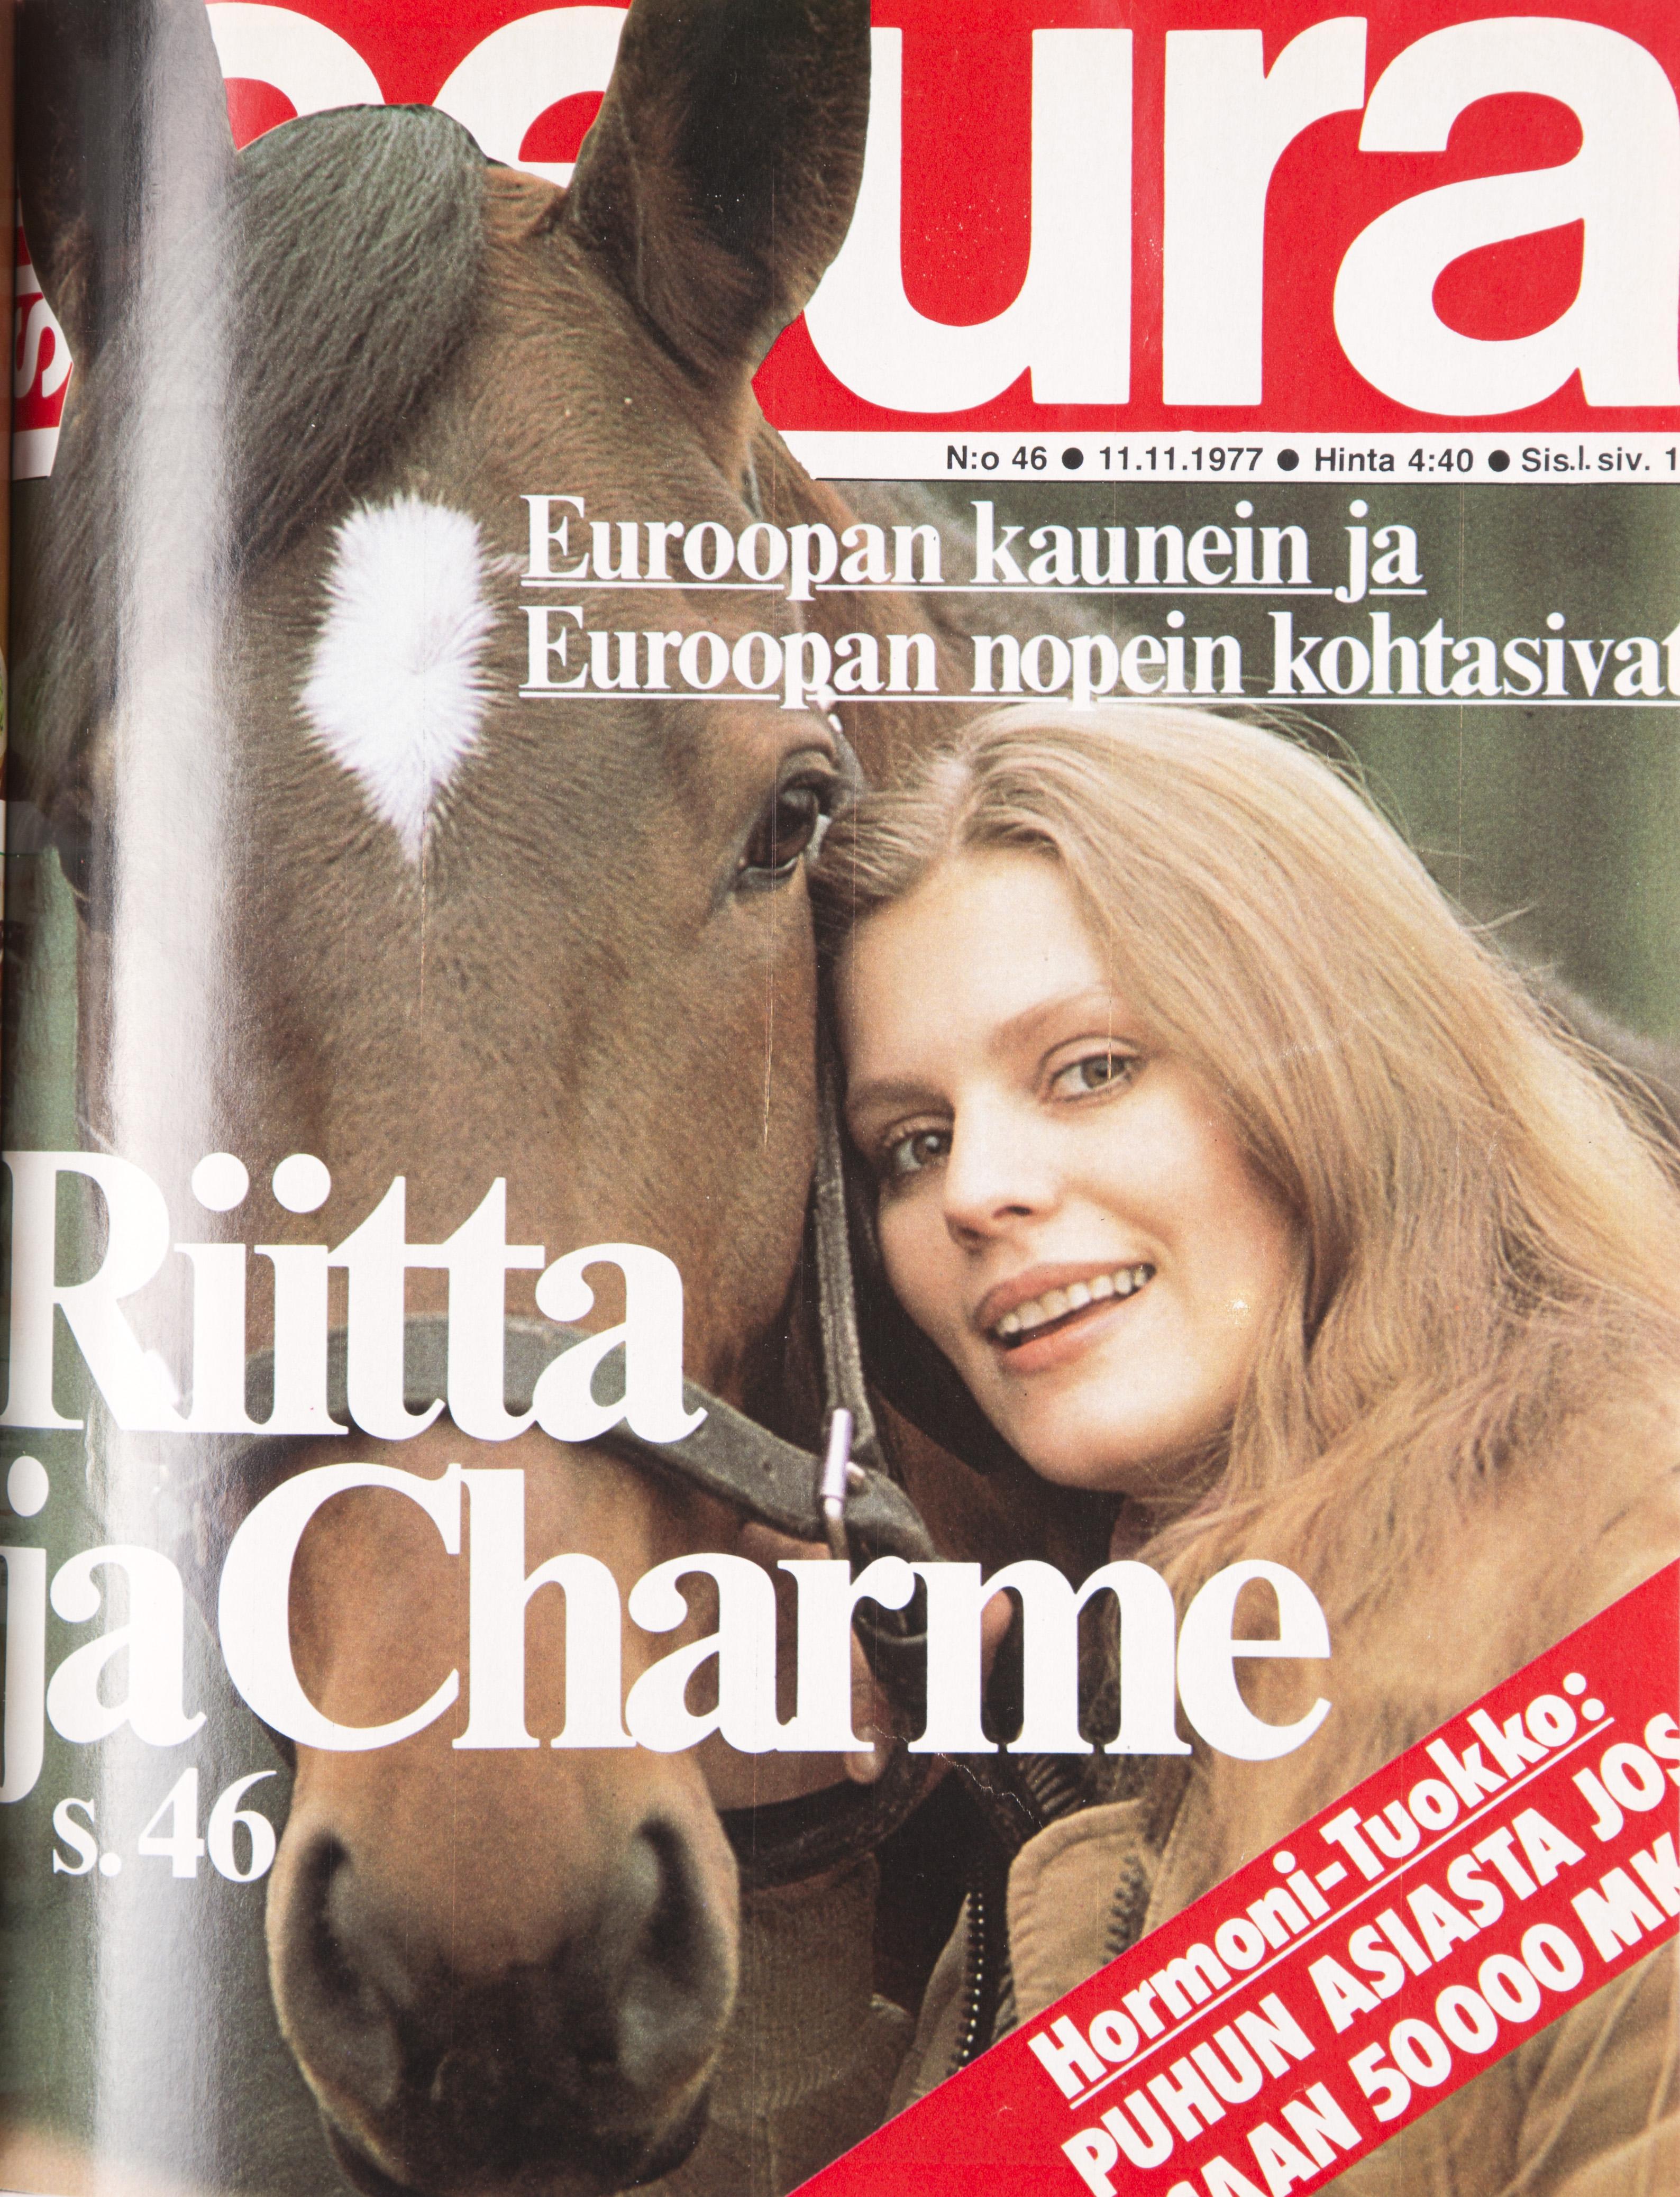 Riitta Väisänen 1976